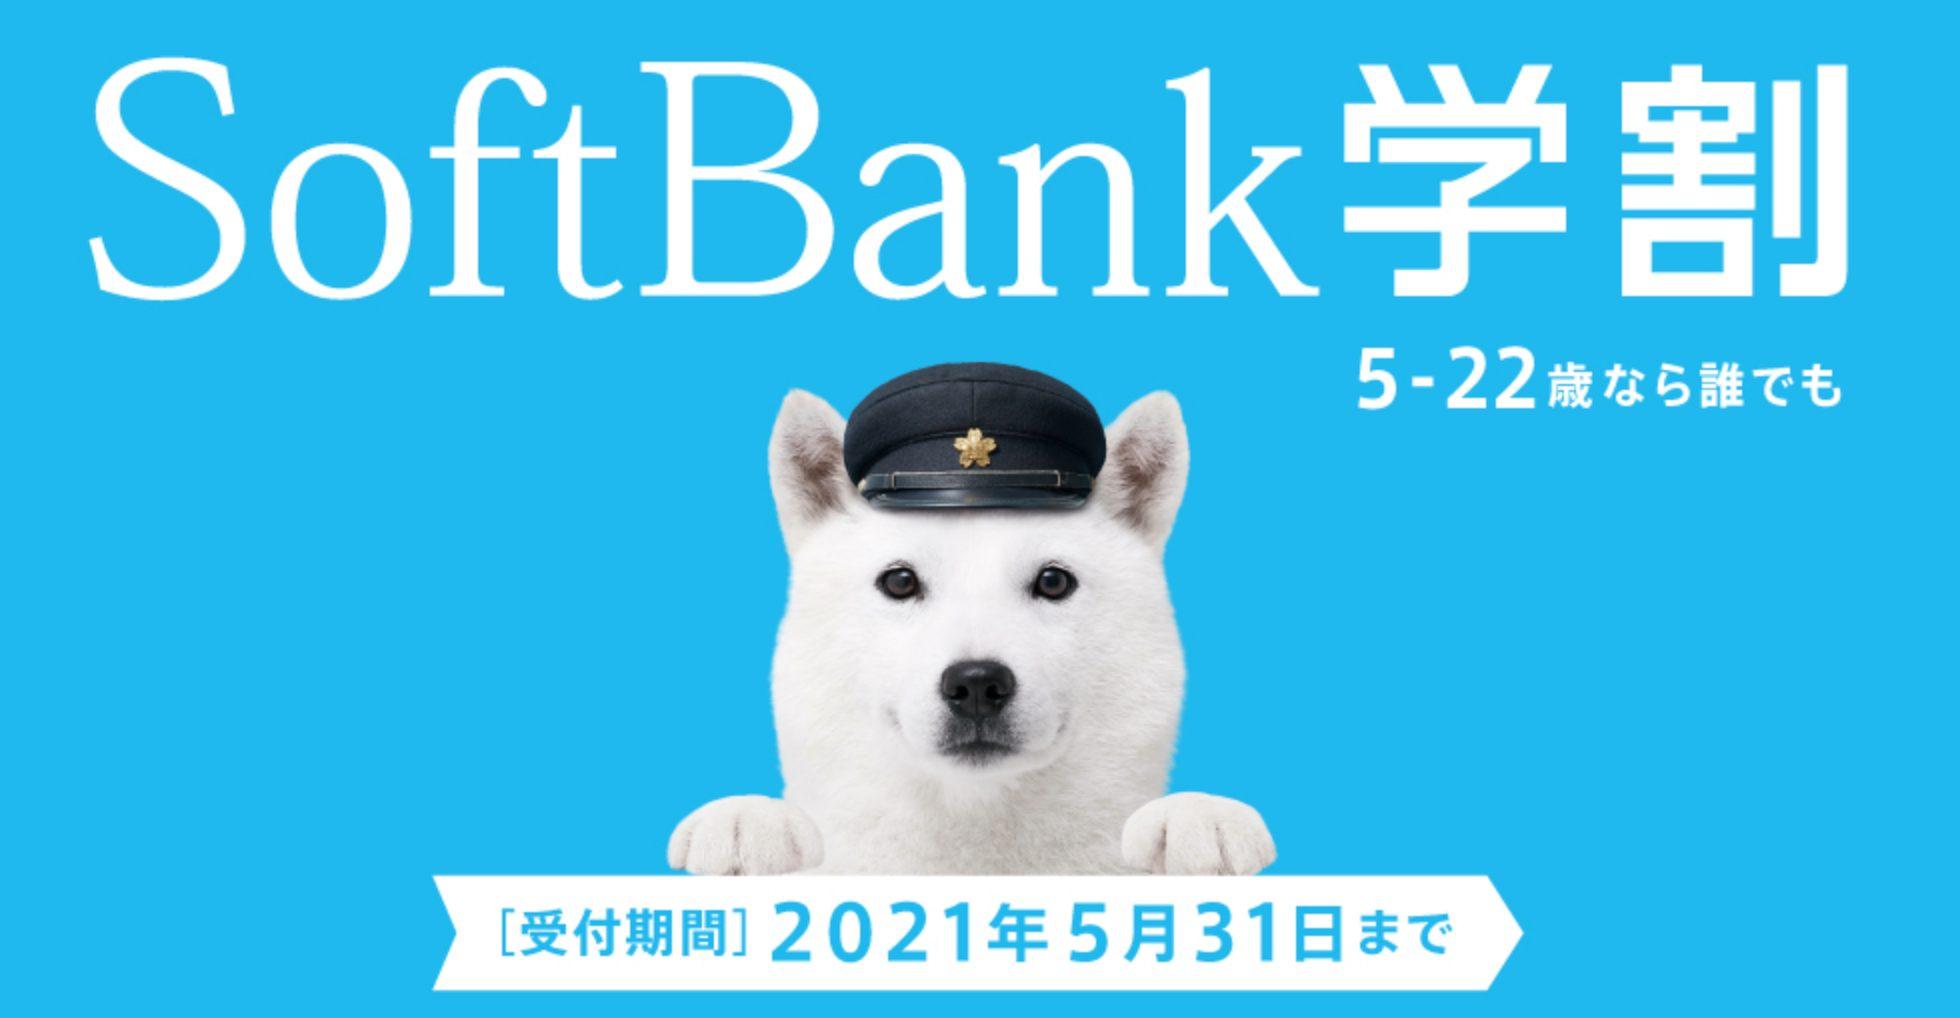 SoftBank学割2021